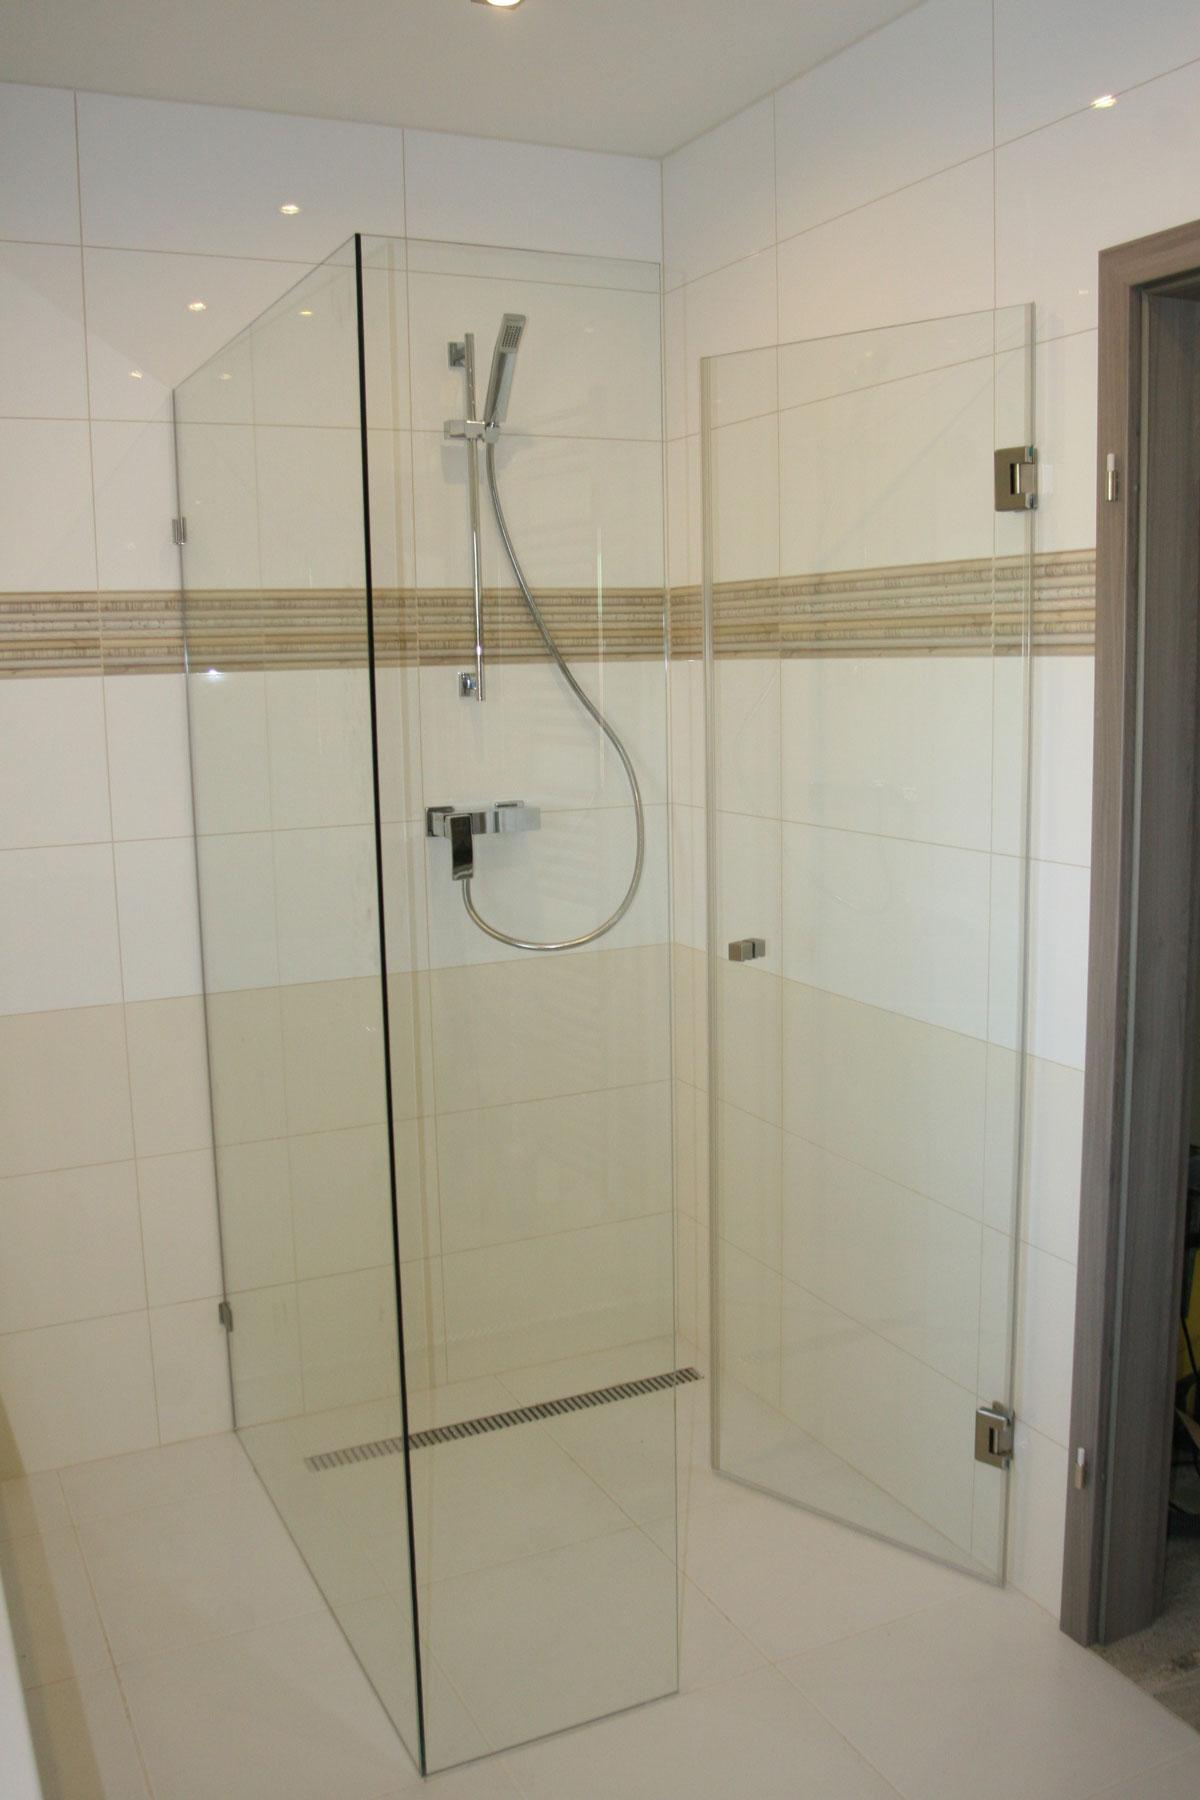 Sklenarstvi-Prerost-sprchove- kouty-a-sprchy (19)